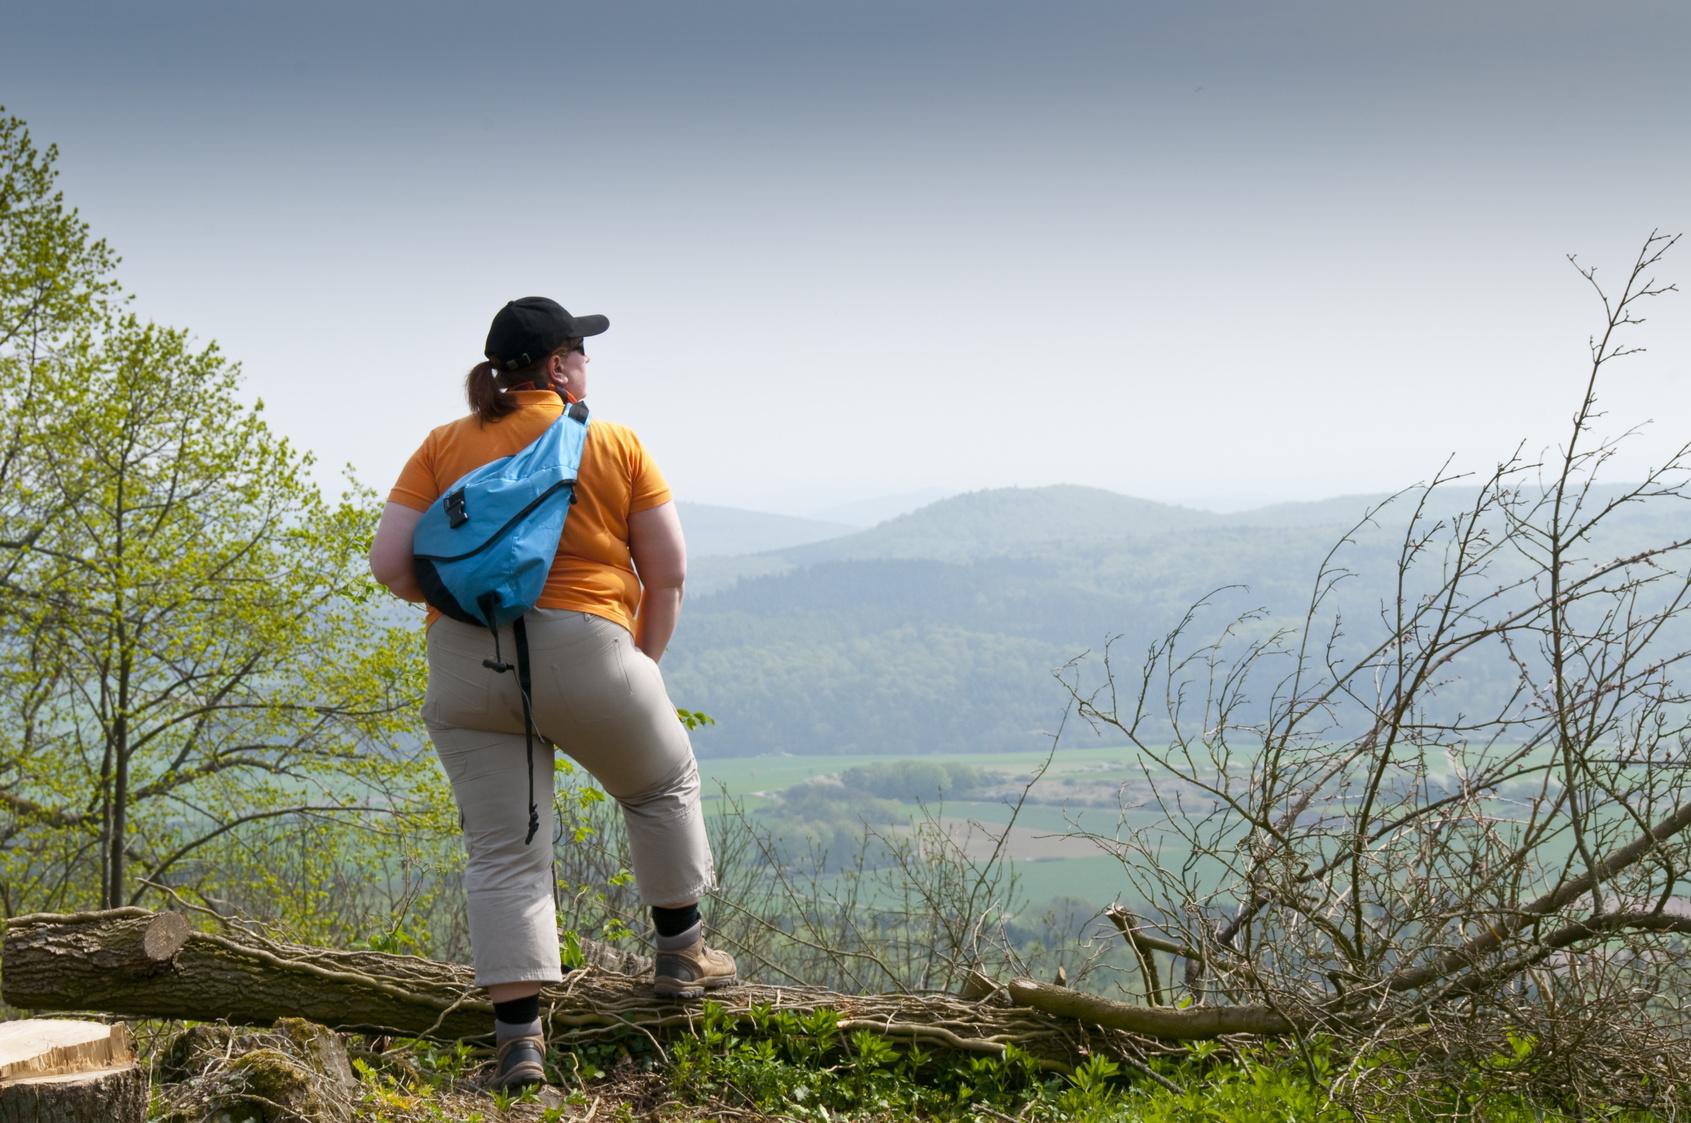 Übergewichtige Wanderin schaut in die Landschaft, Rückansicht